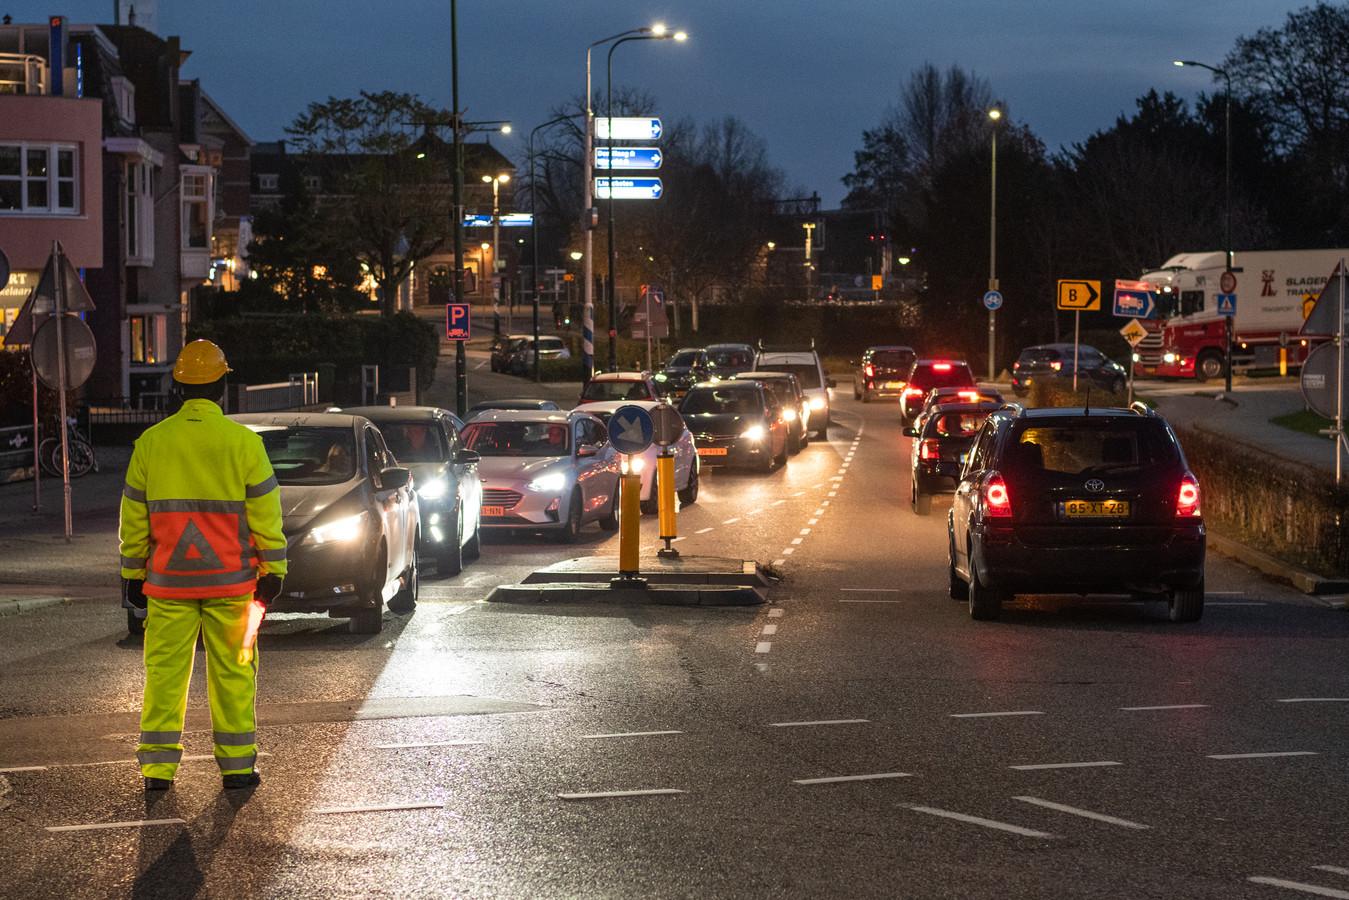 Om het verkeer nabij de Oostdam in goede banen te leiden, heeft de gemeente verkeersregelaars ingezet.